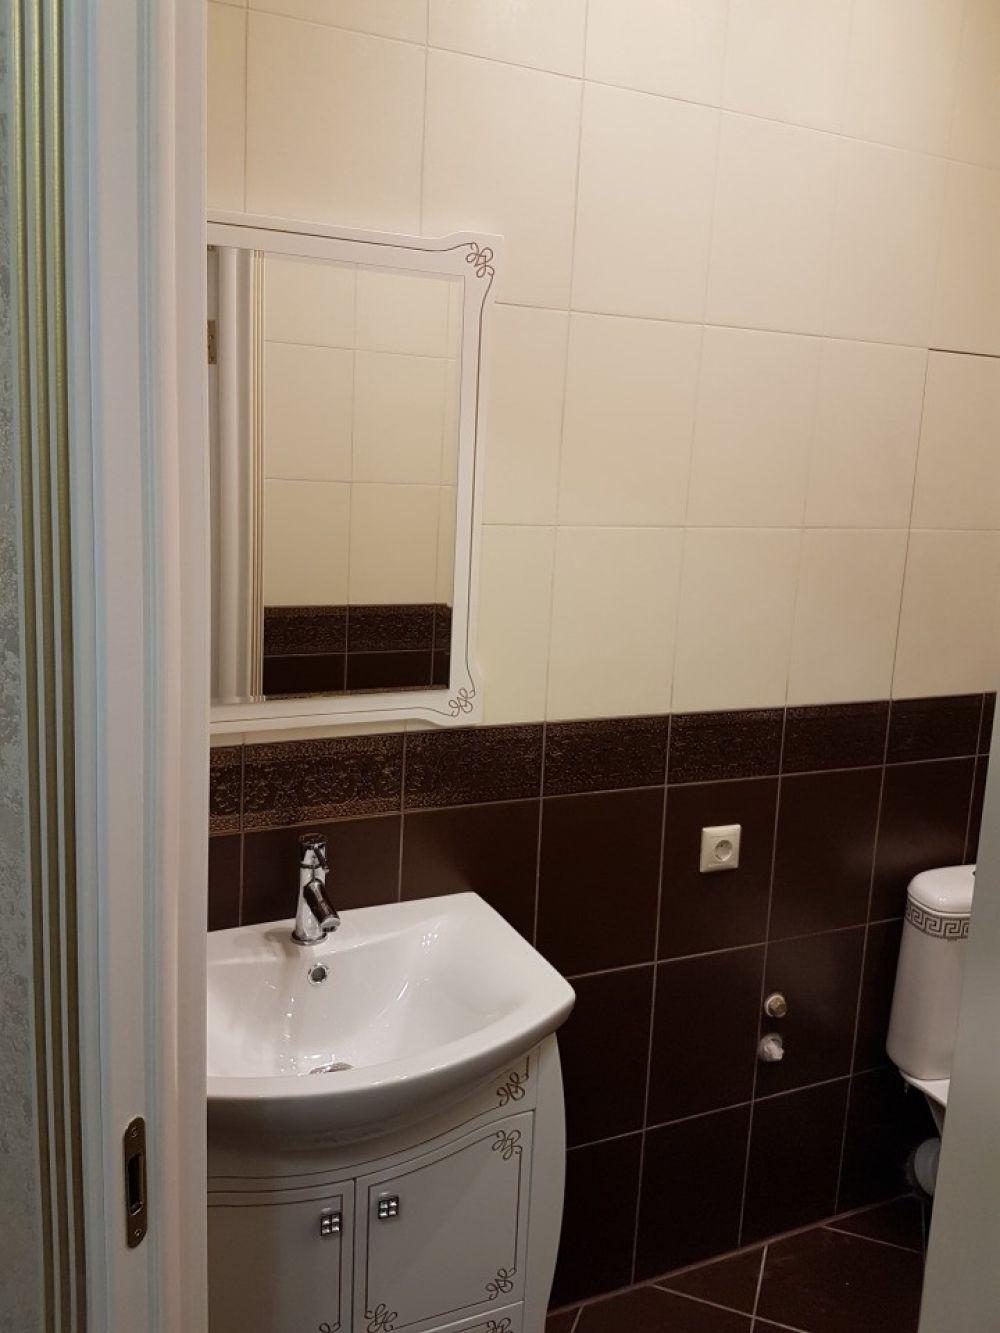 2-комнатная квартира п.Свердловский ЖК Лукино-Варино ул.Заречная д.3., фото 19